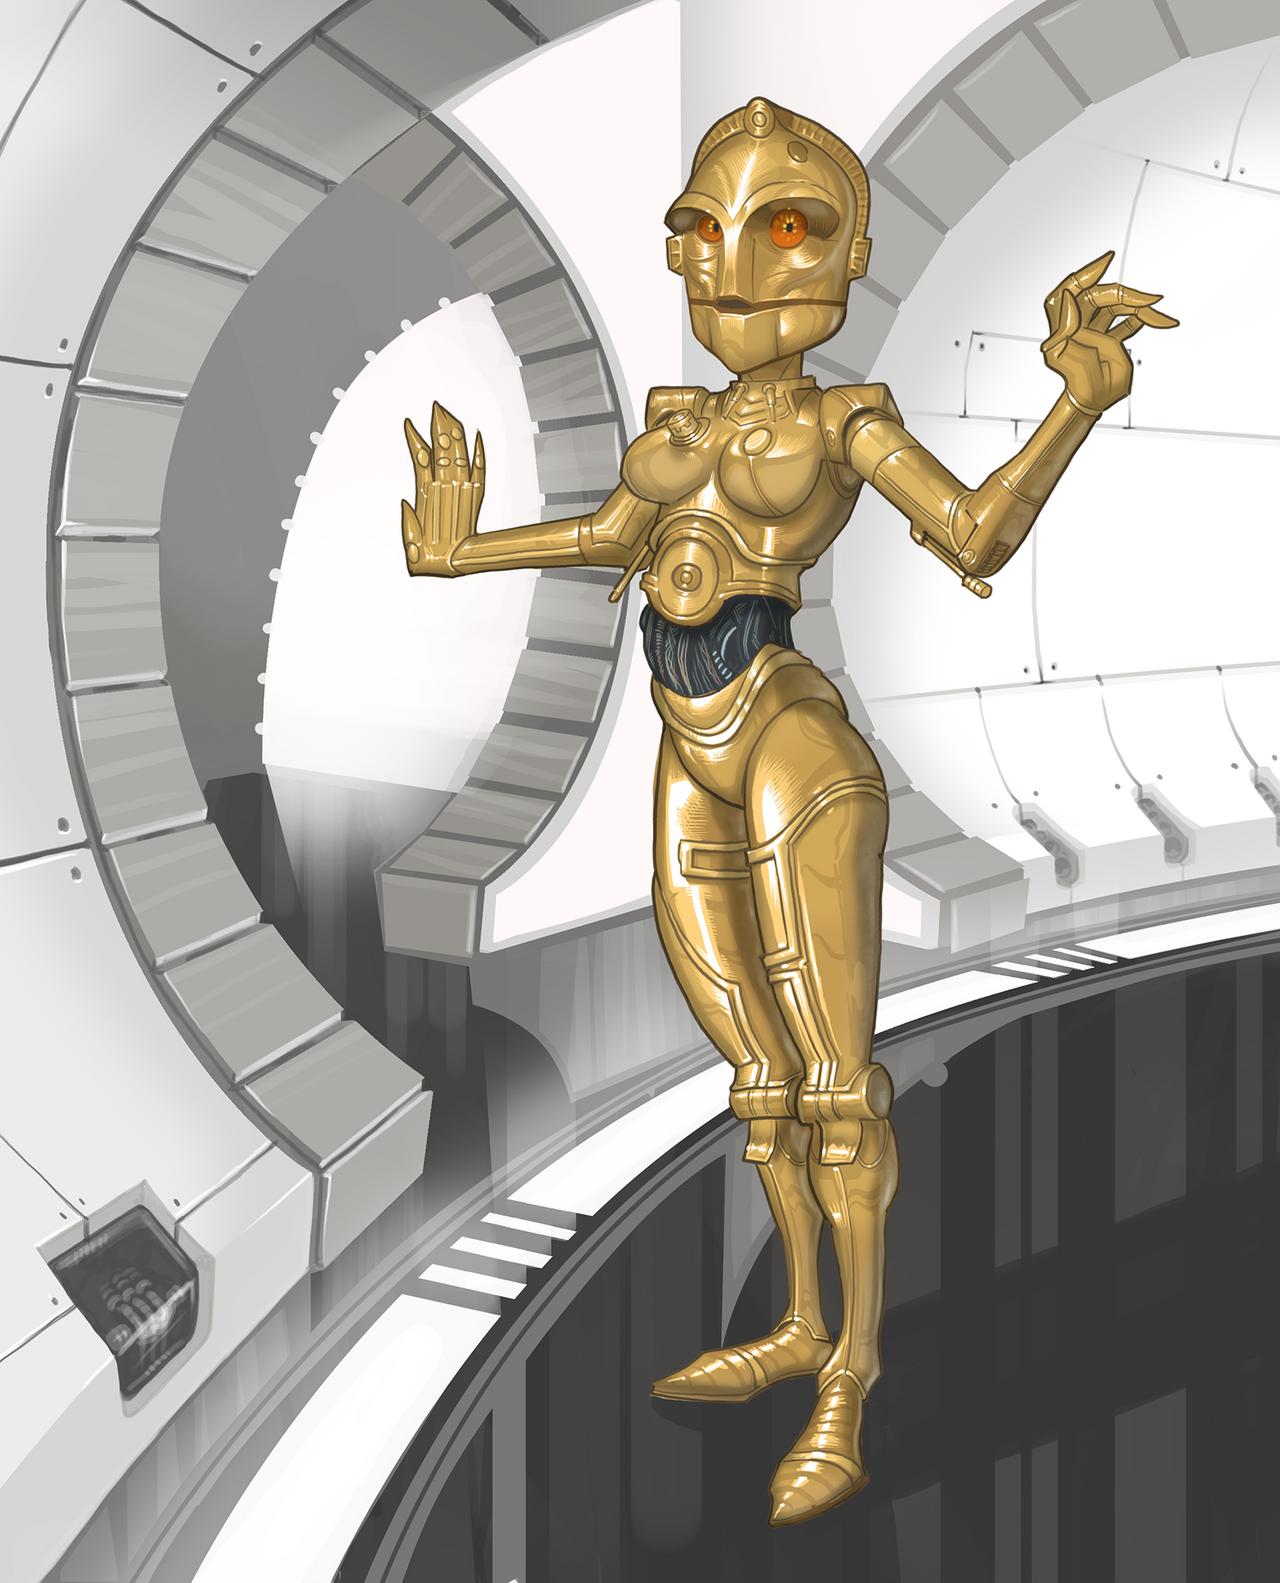 C3PO alternate female